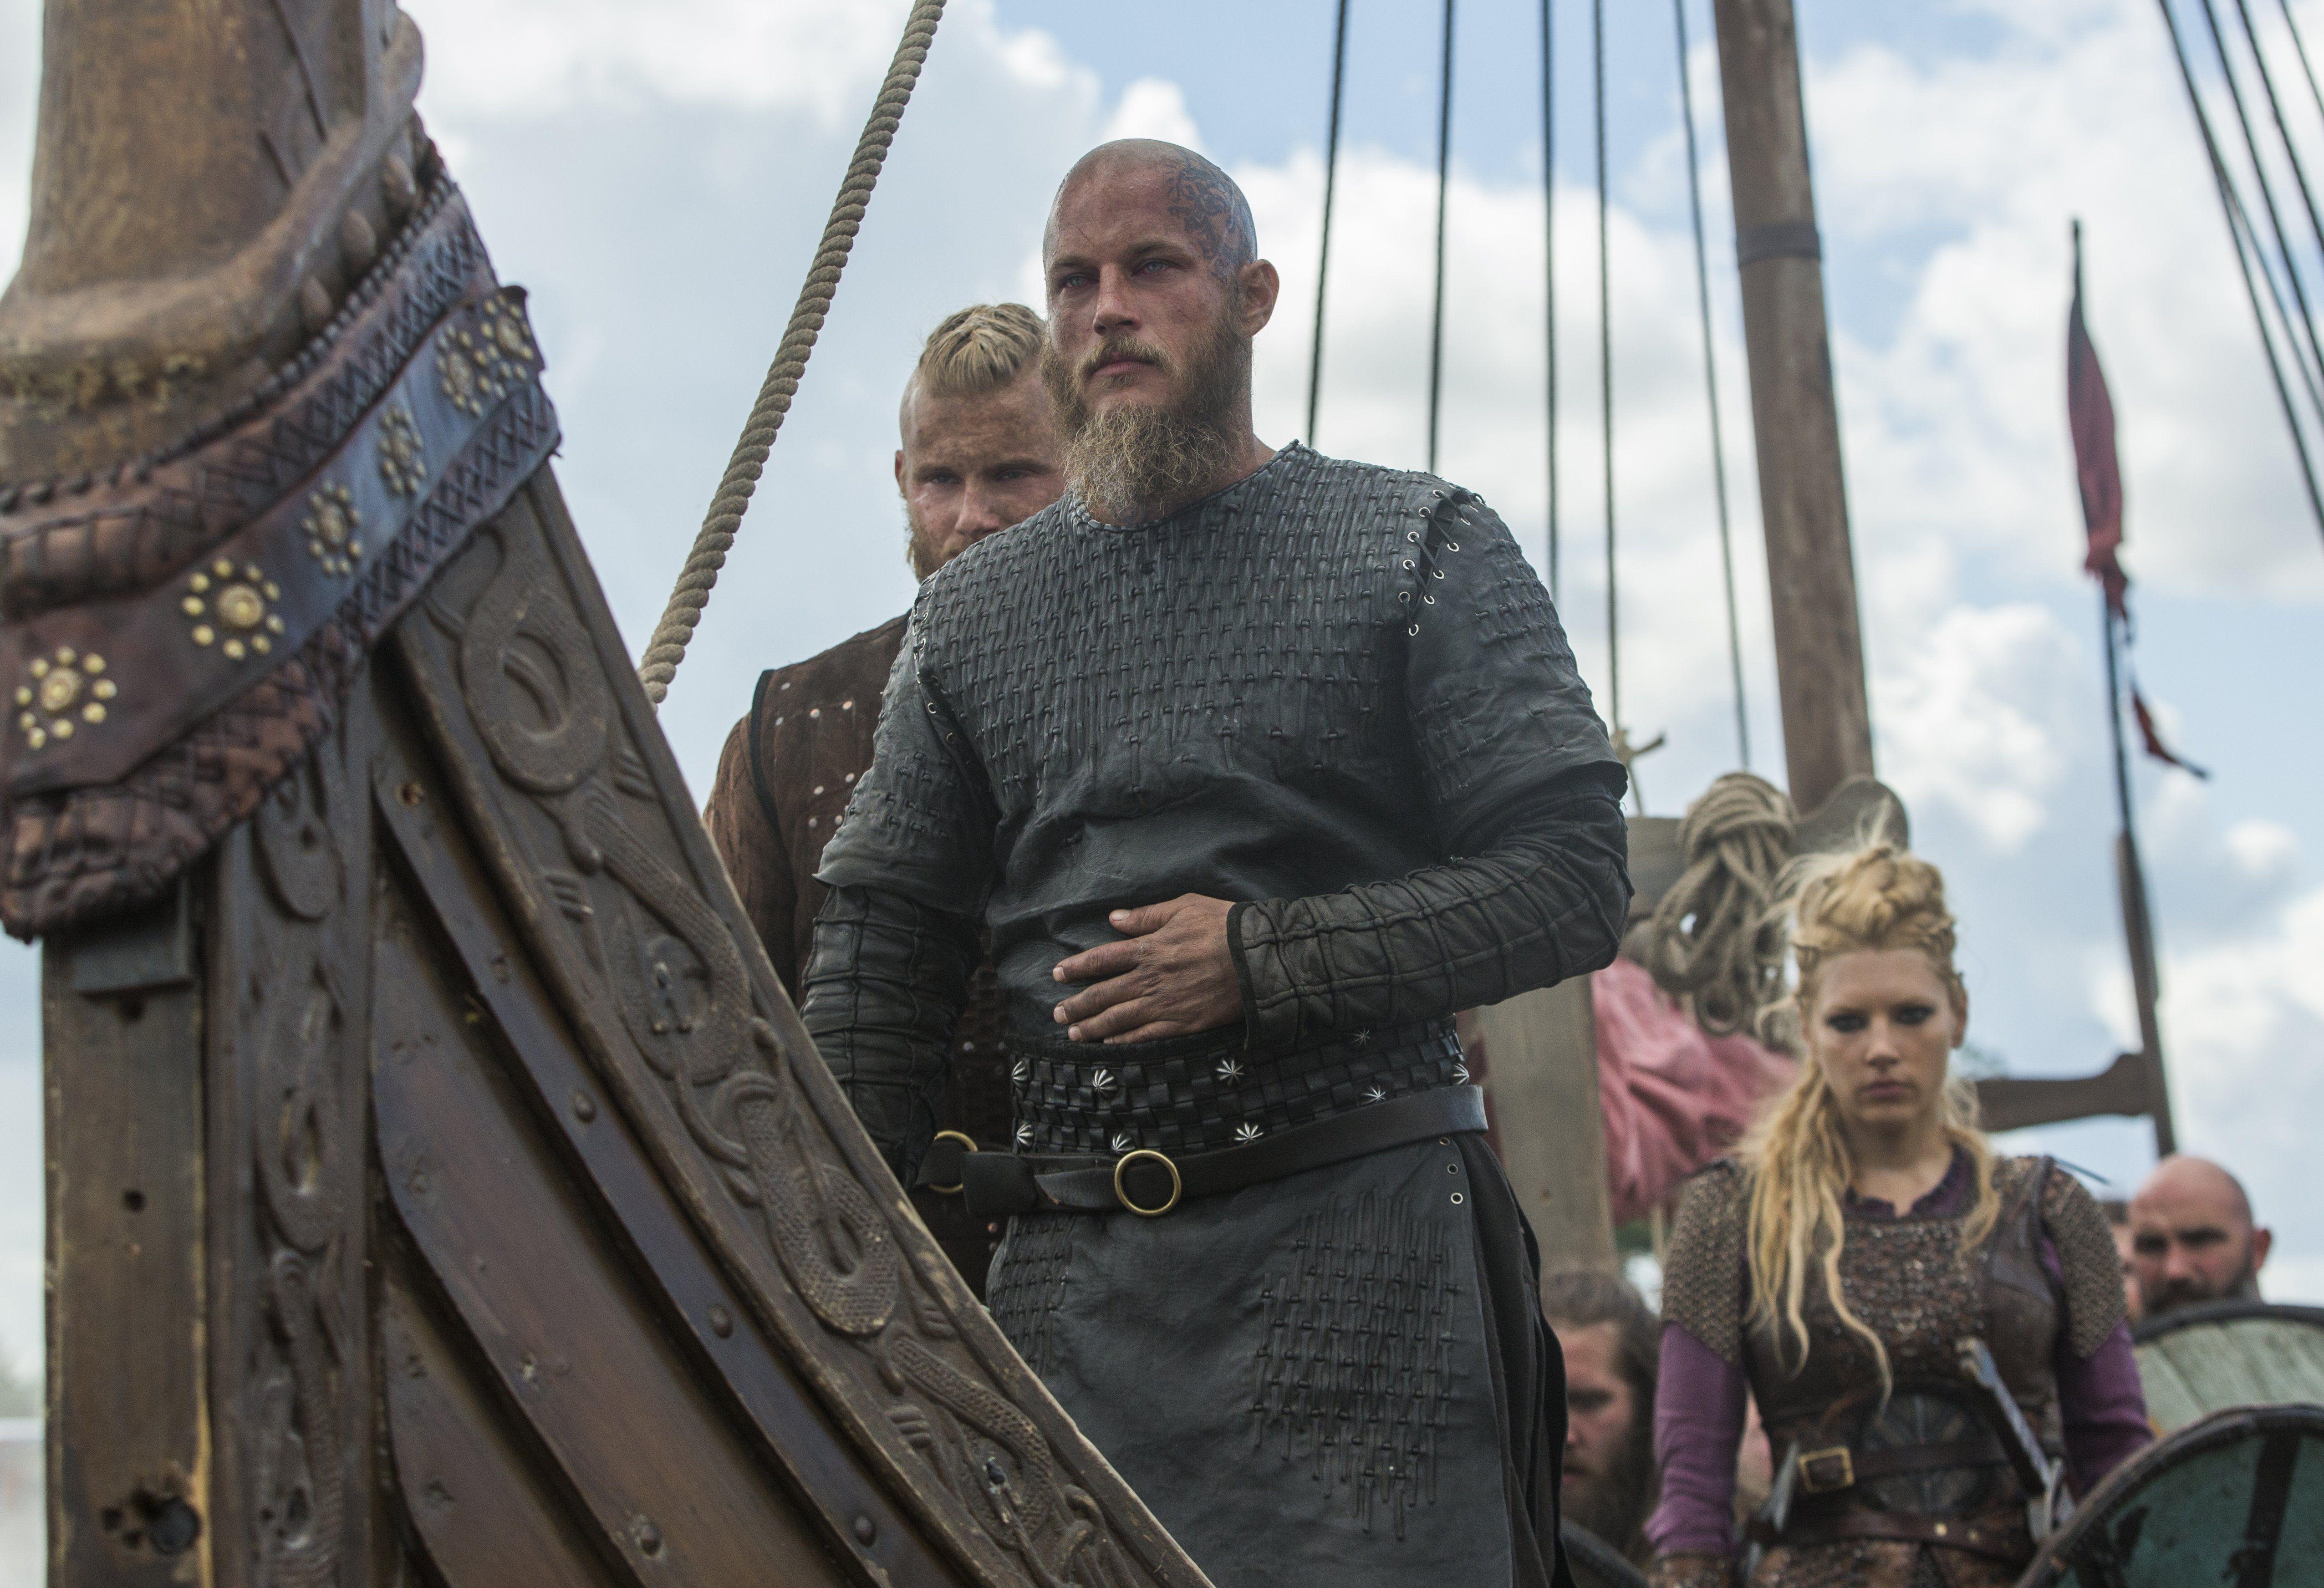 La historia de Ragnar Lodbrok - Archivos de la Historia